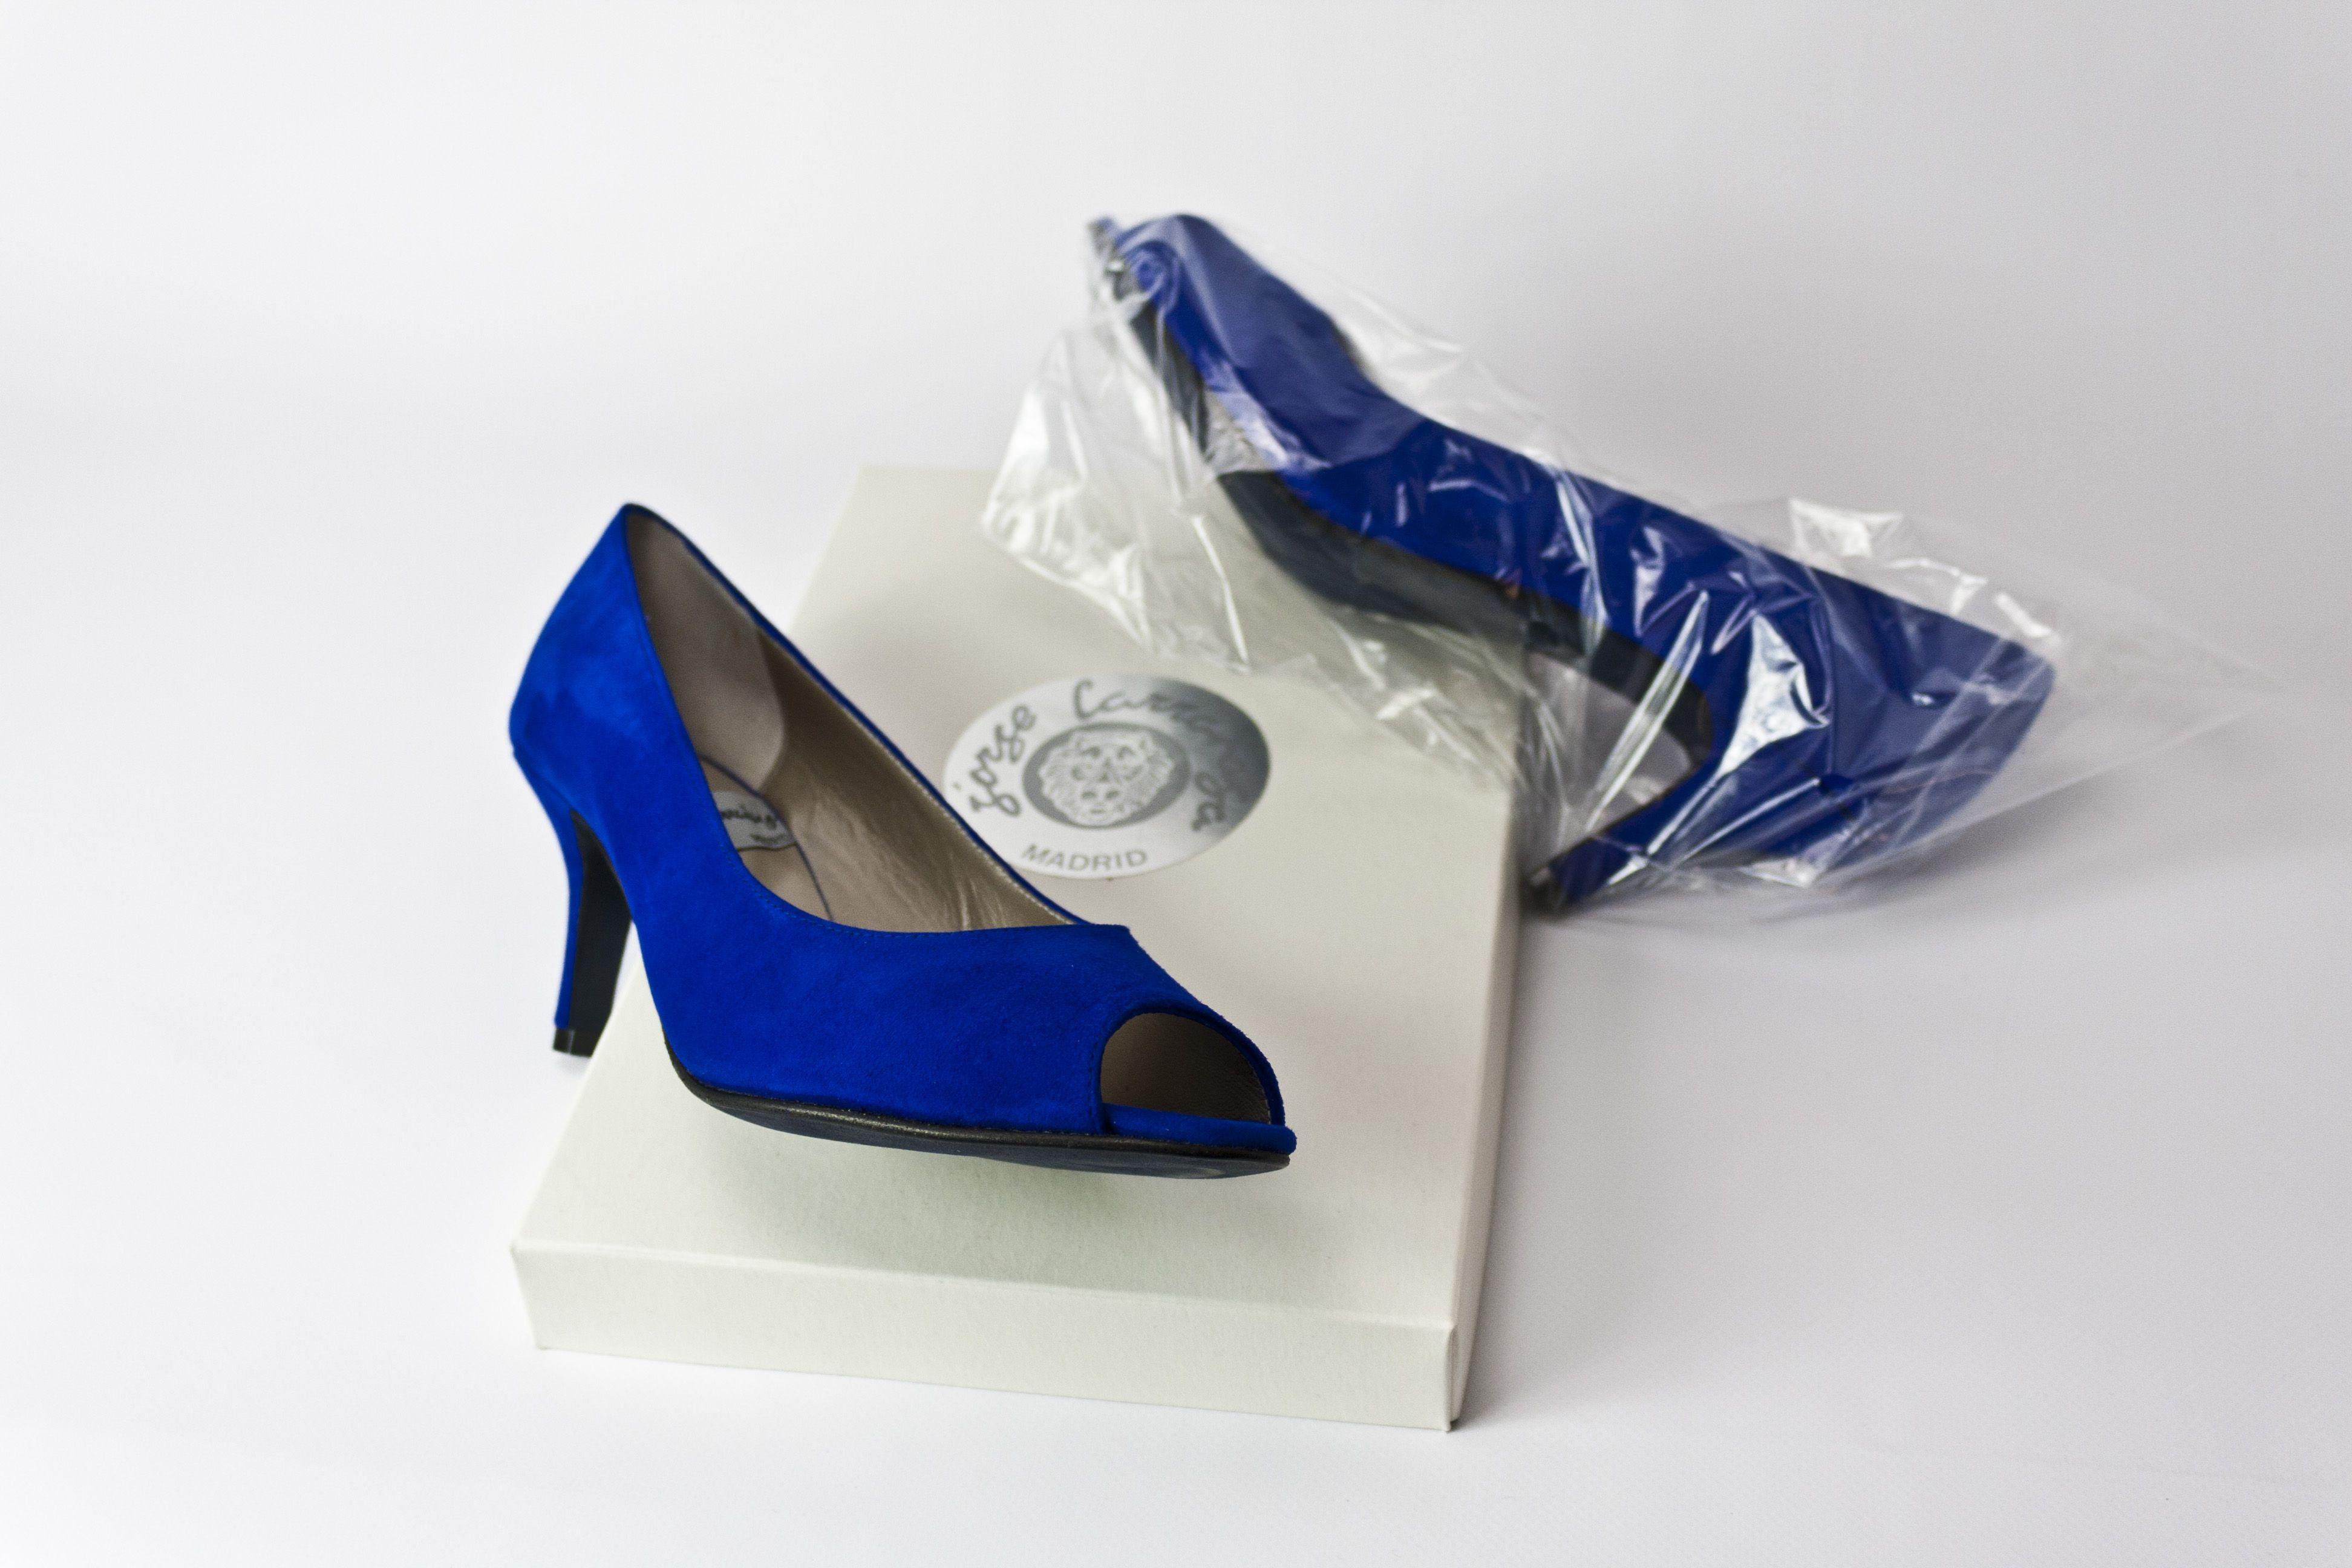 #zapatos tipo #salon #tacones medios y puntera abierta #estilo #look #ante #azul #blue #suede #shoes #handmade #fashion #madeinspain #womenshoes jorgelarranaga.com